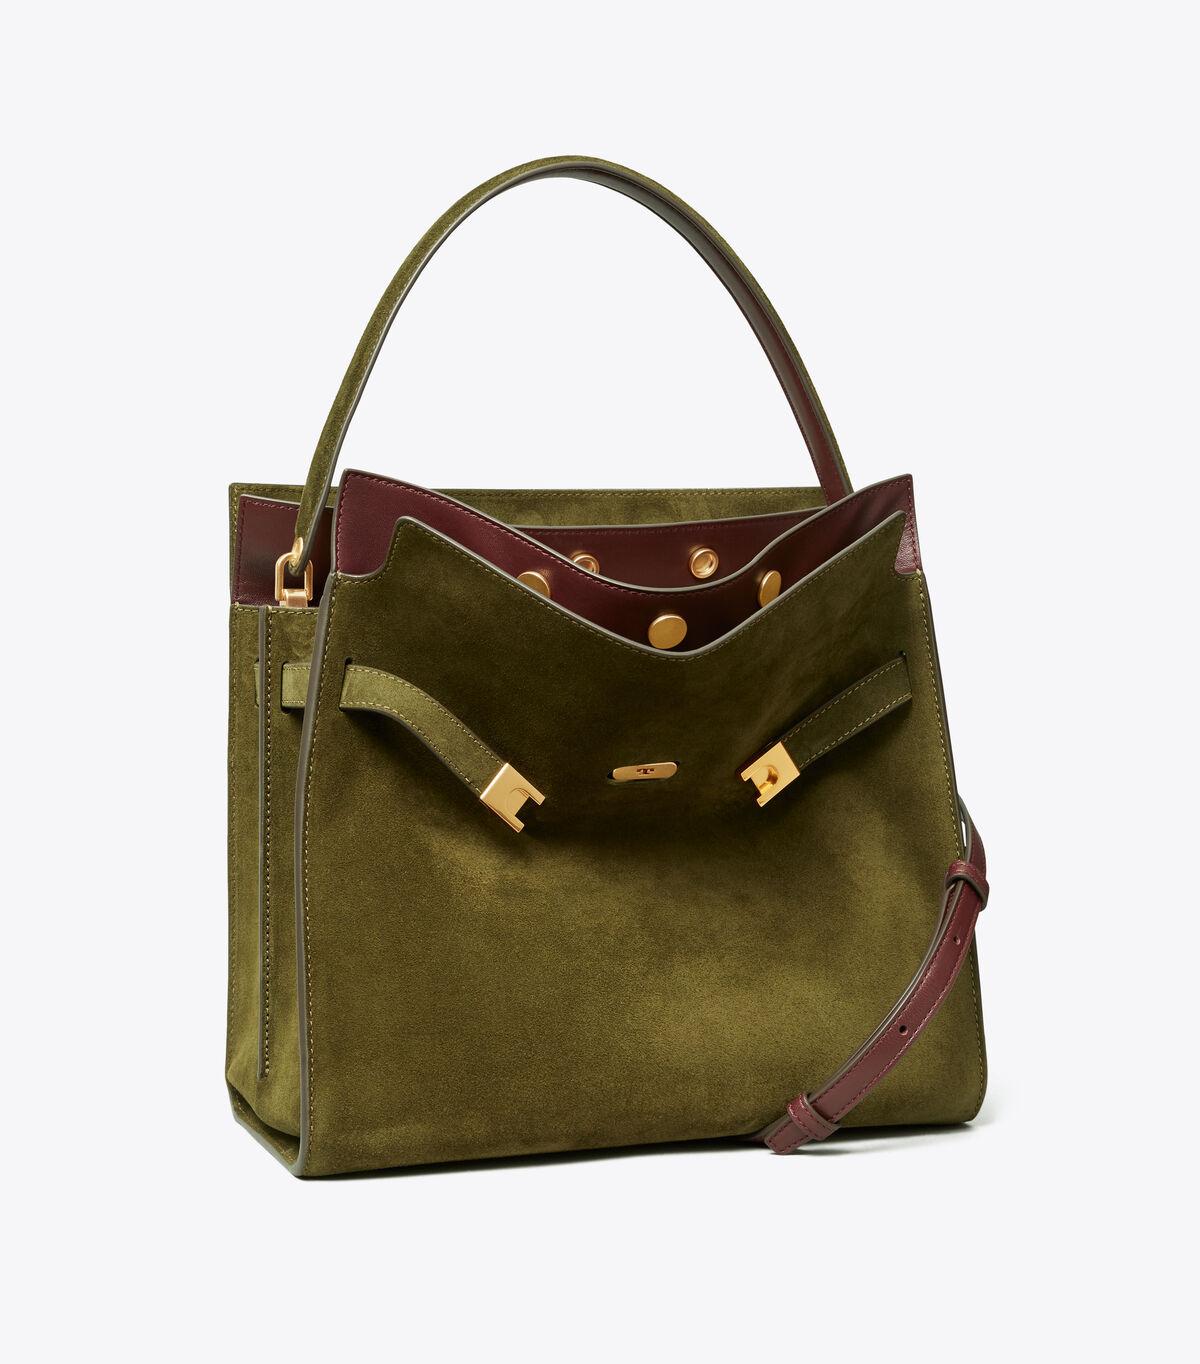 حقيبة مزدوجة لي رادزيويل جلد الغزال | 325 | حقائب ساتشيل